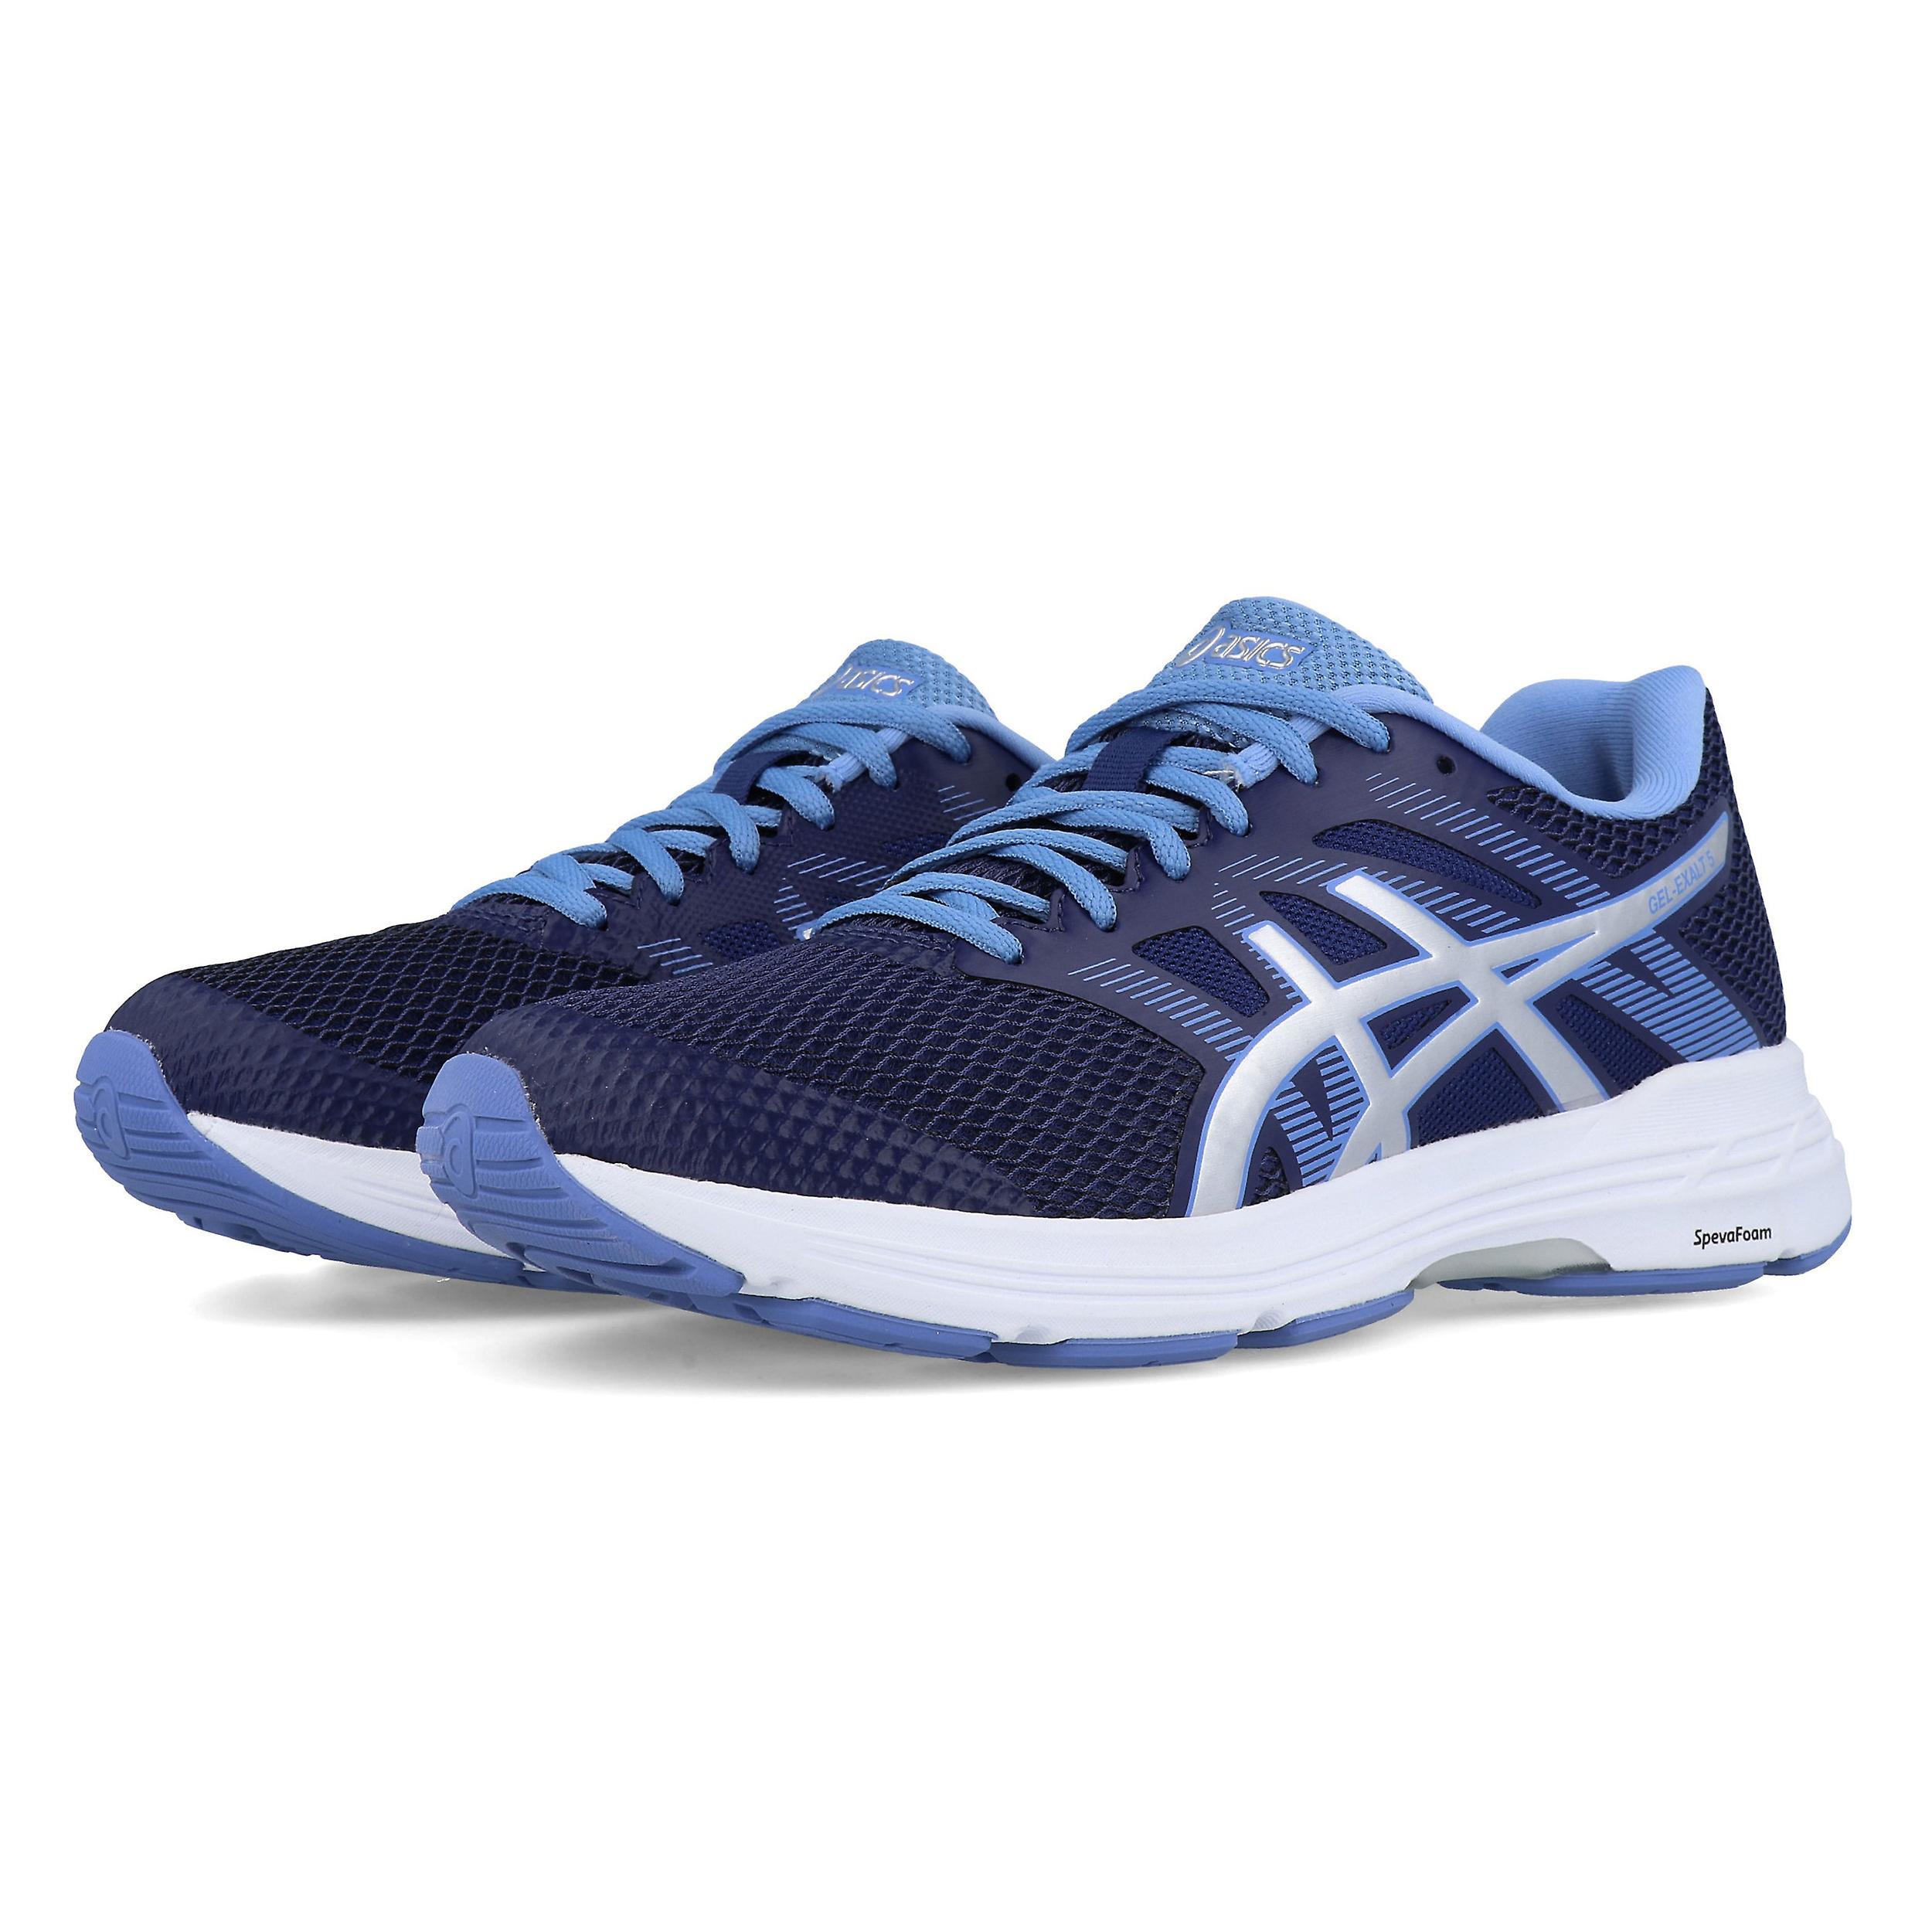 Asics GEL Exalt 5 Women's Running Shoes | Road Running Shoes